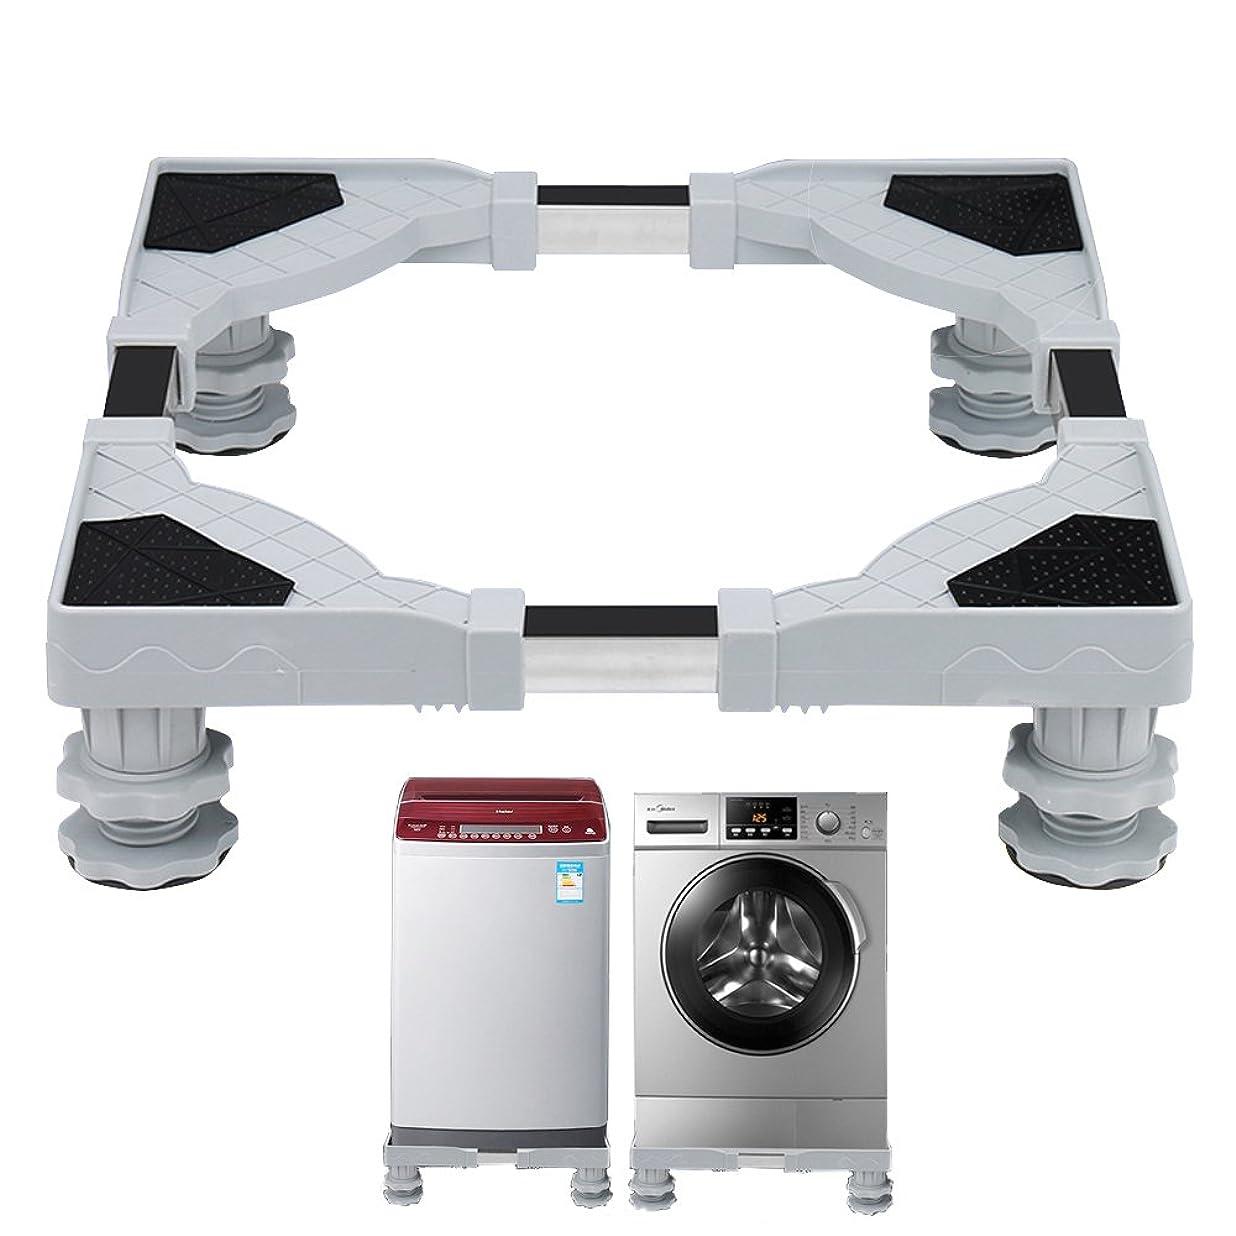 粗い輸送博物館洗濯機 台 Lifinsky 冷蔵庫置き台 キャスター付 かさ上げ 移動式 昇降可能 幅/奥行46.5~68cm 減音効果 防振パッド付き